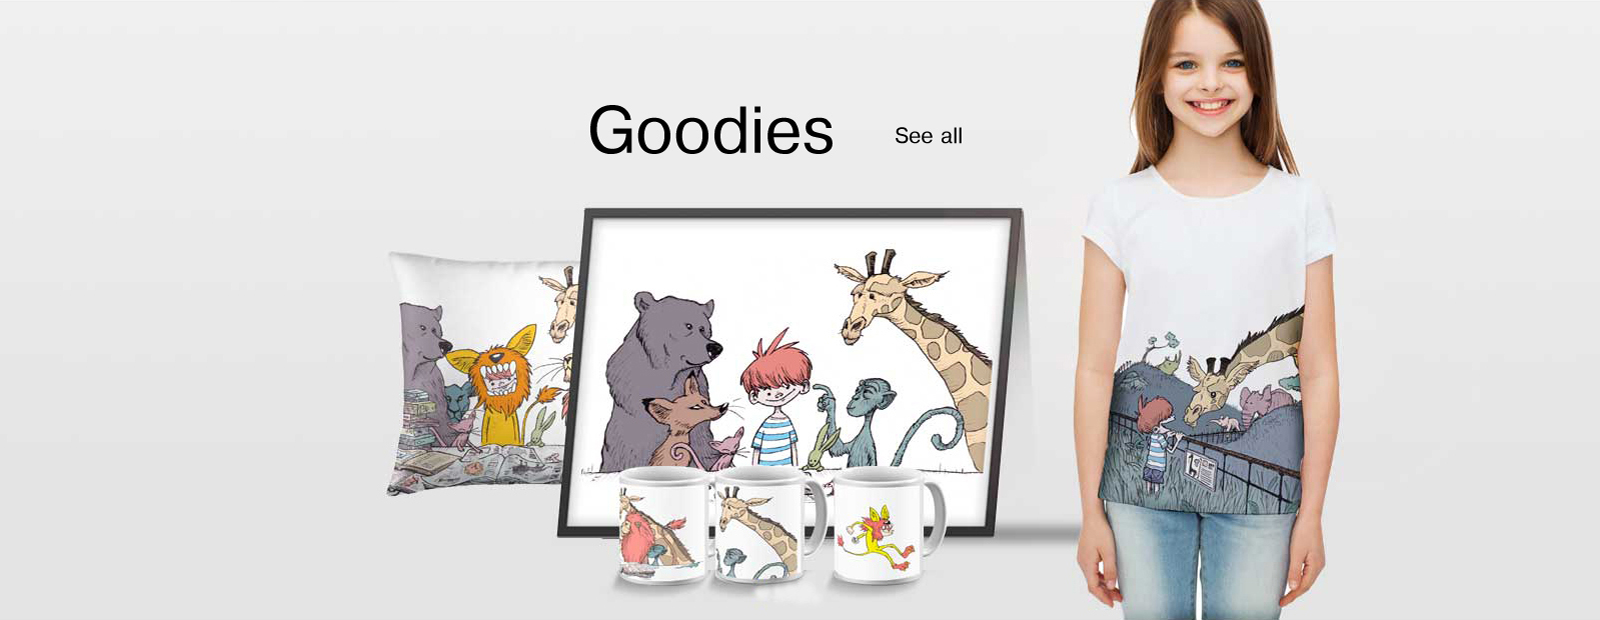 Goodies